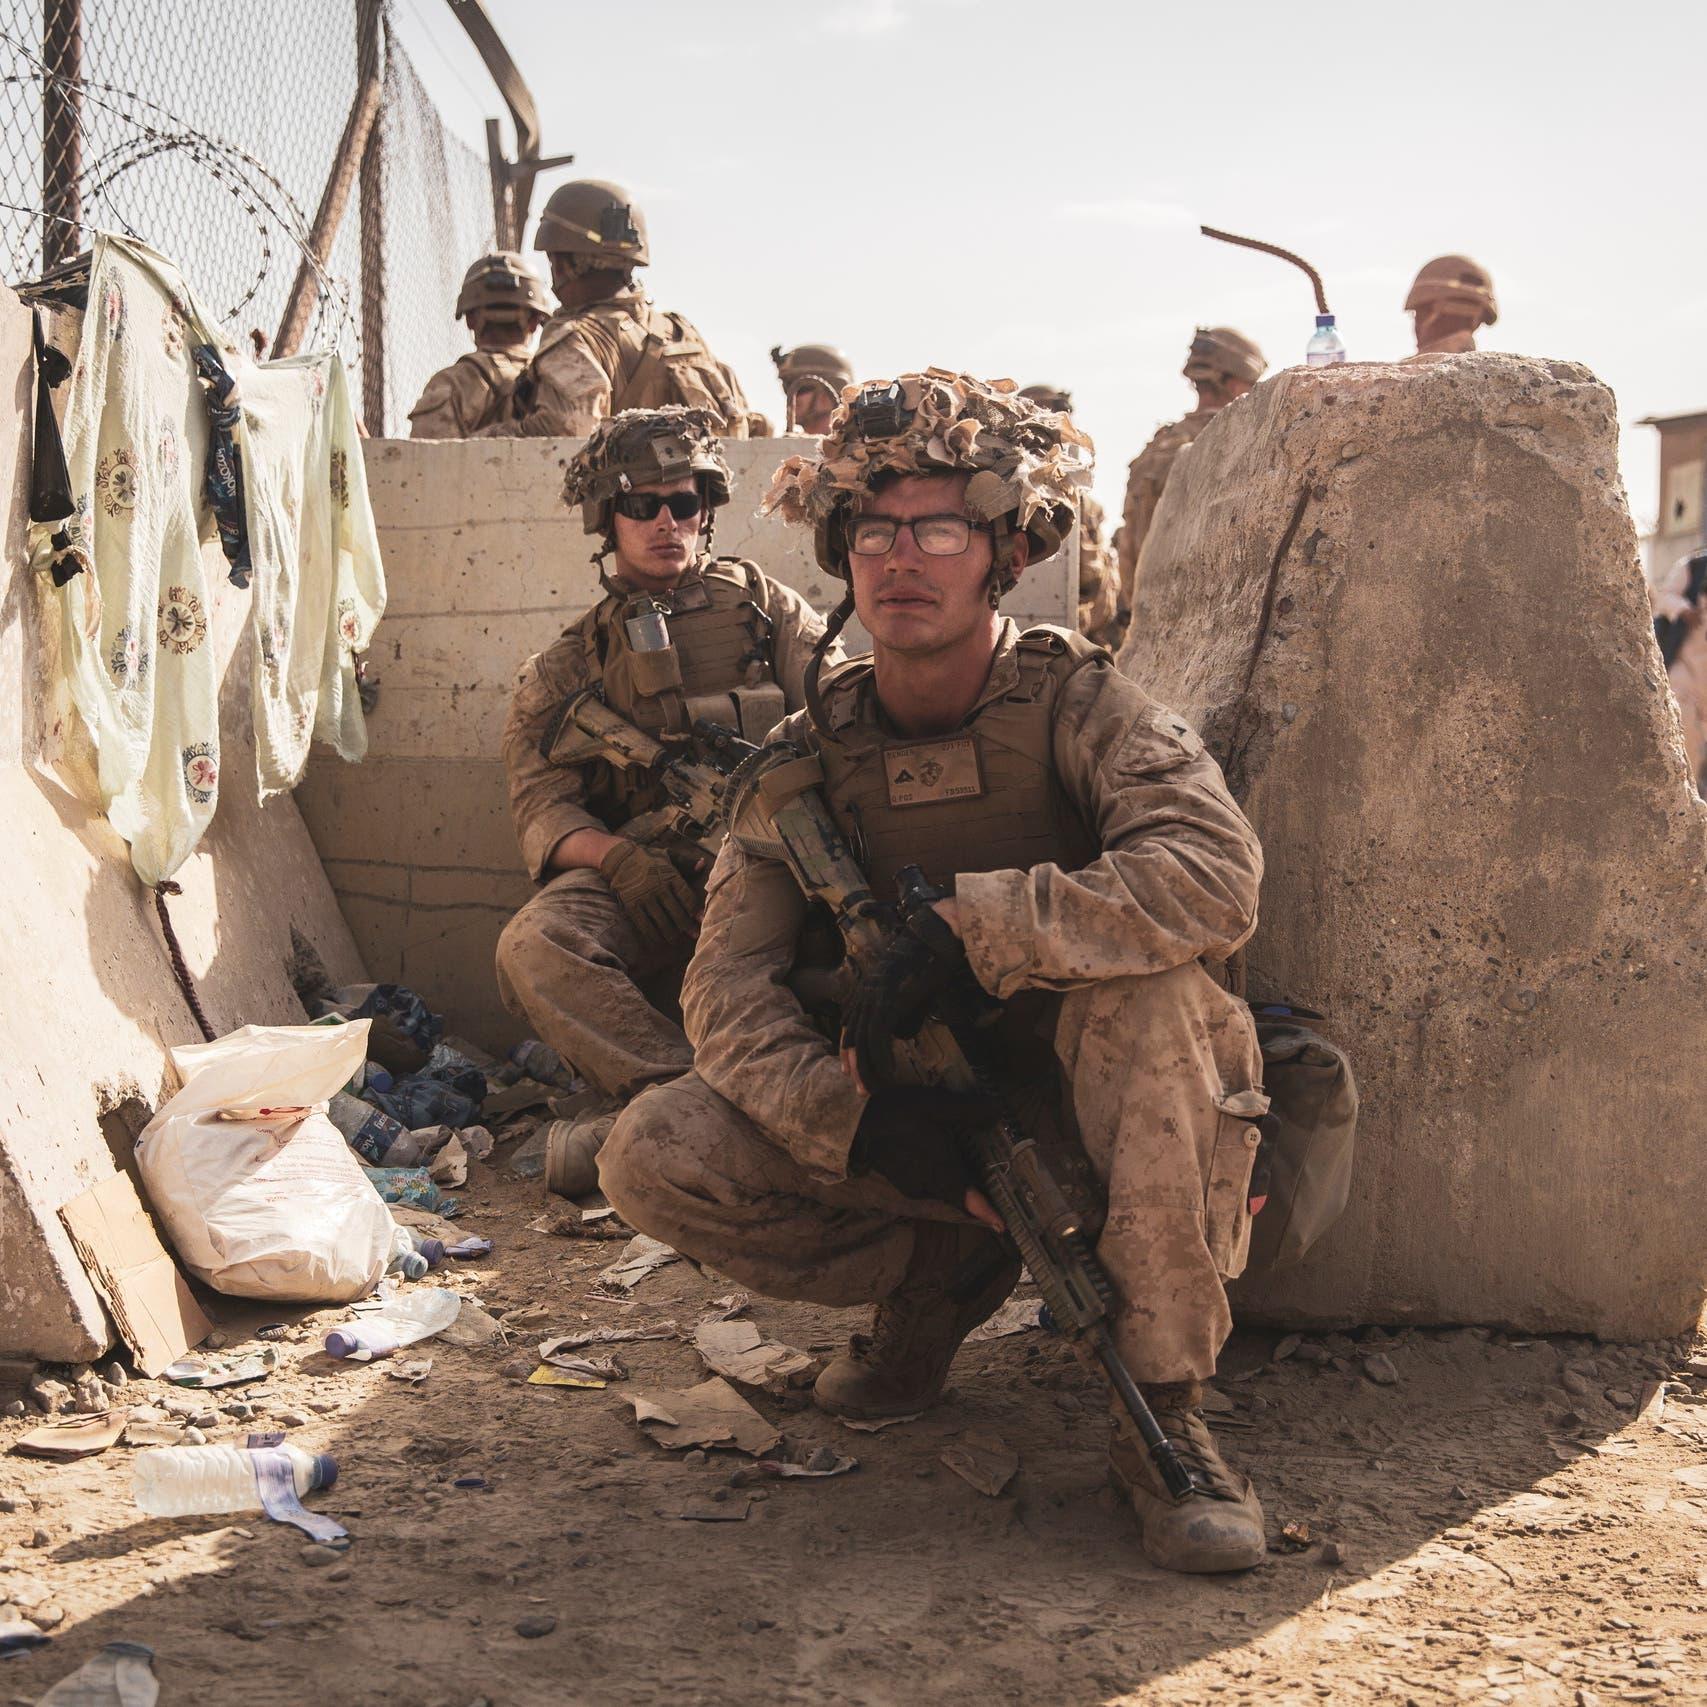 البيت الأبيض: الأيام المقبلة في أفغانستان ستكون الأكثر خطورة